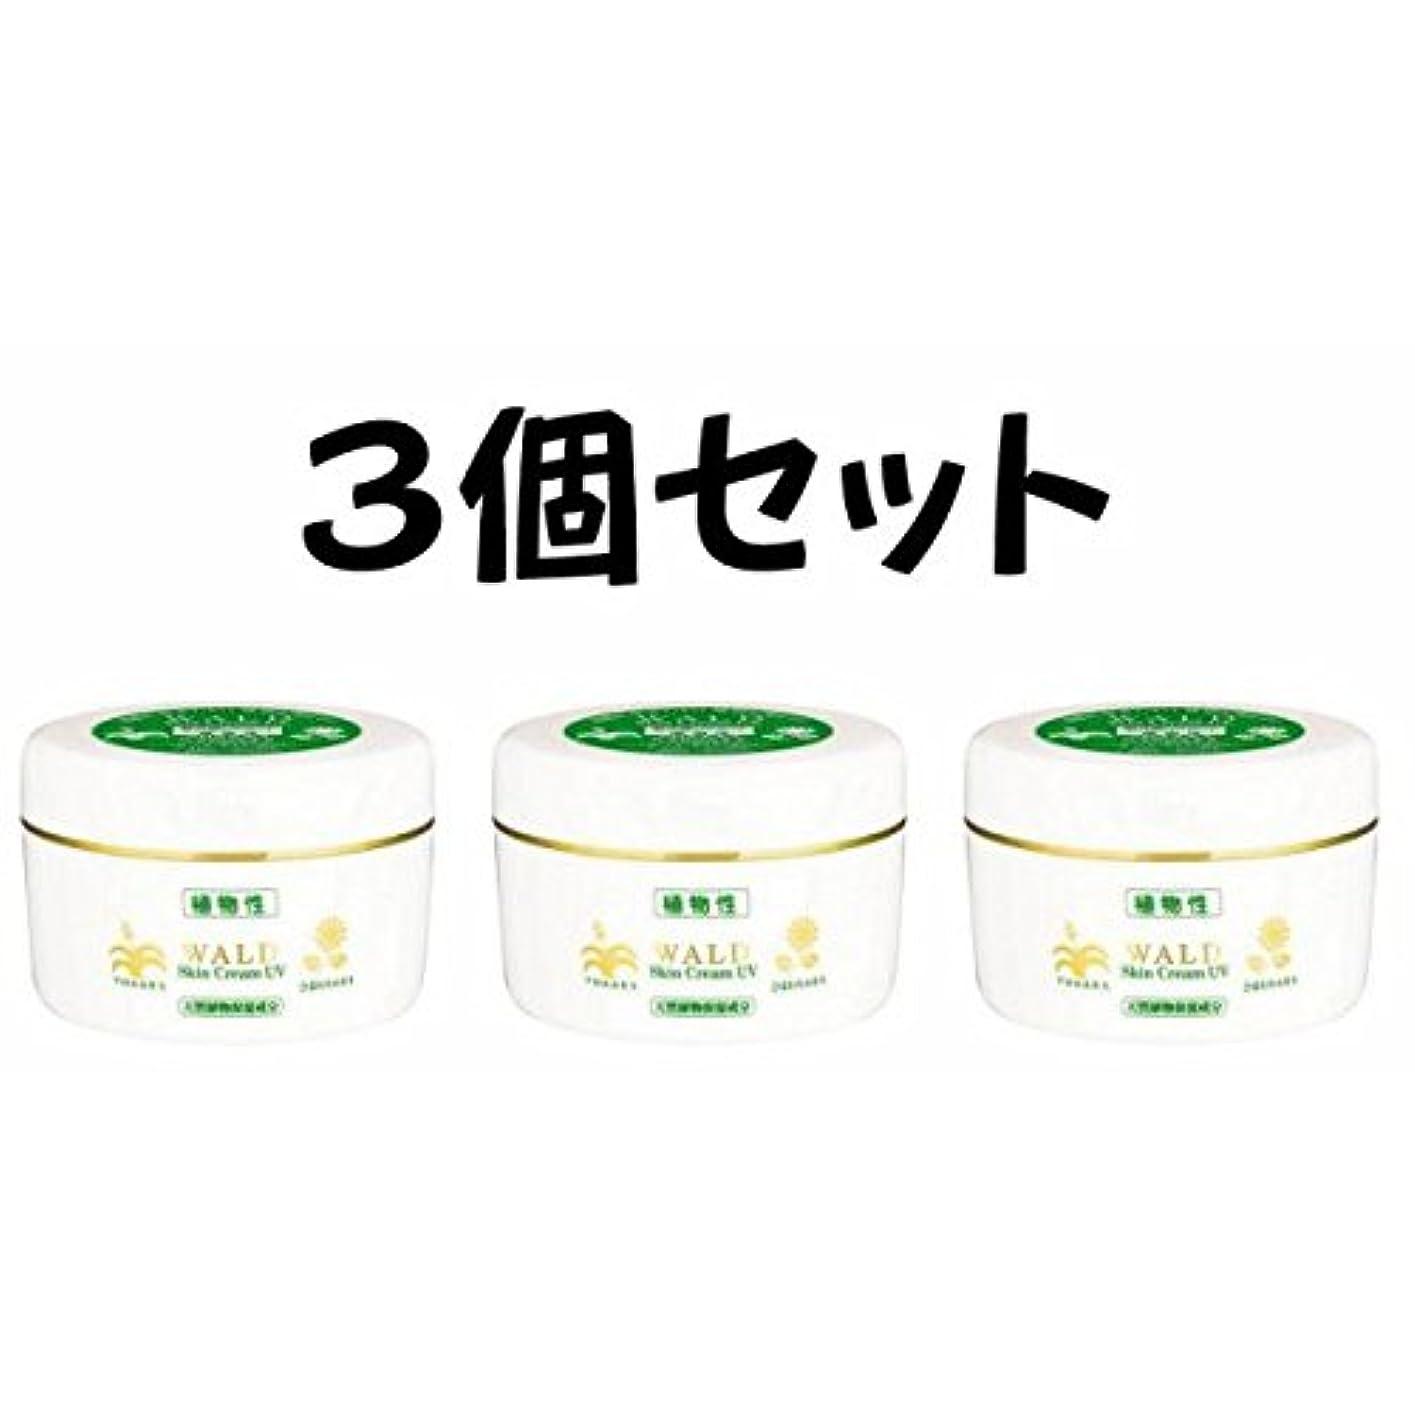 エスカレート欠陥文字新 ヴァルトスキンクリーム UV (WALD Skin Cream UV) 220g (3)